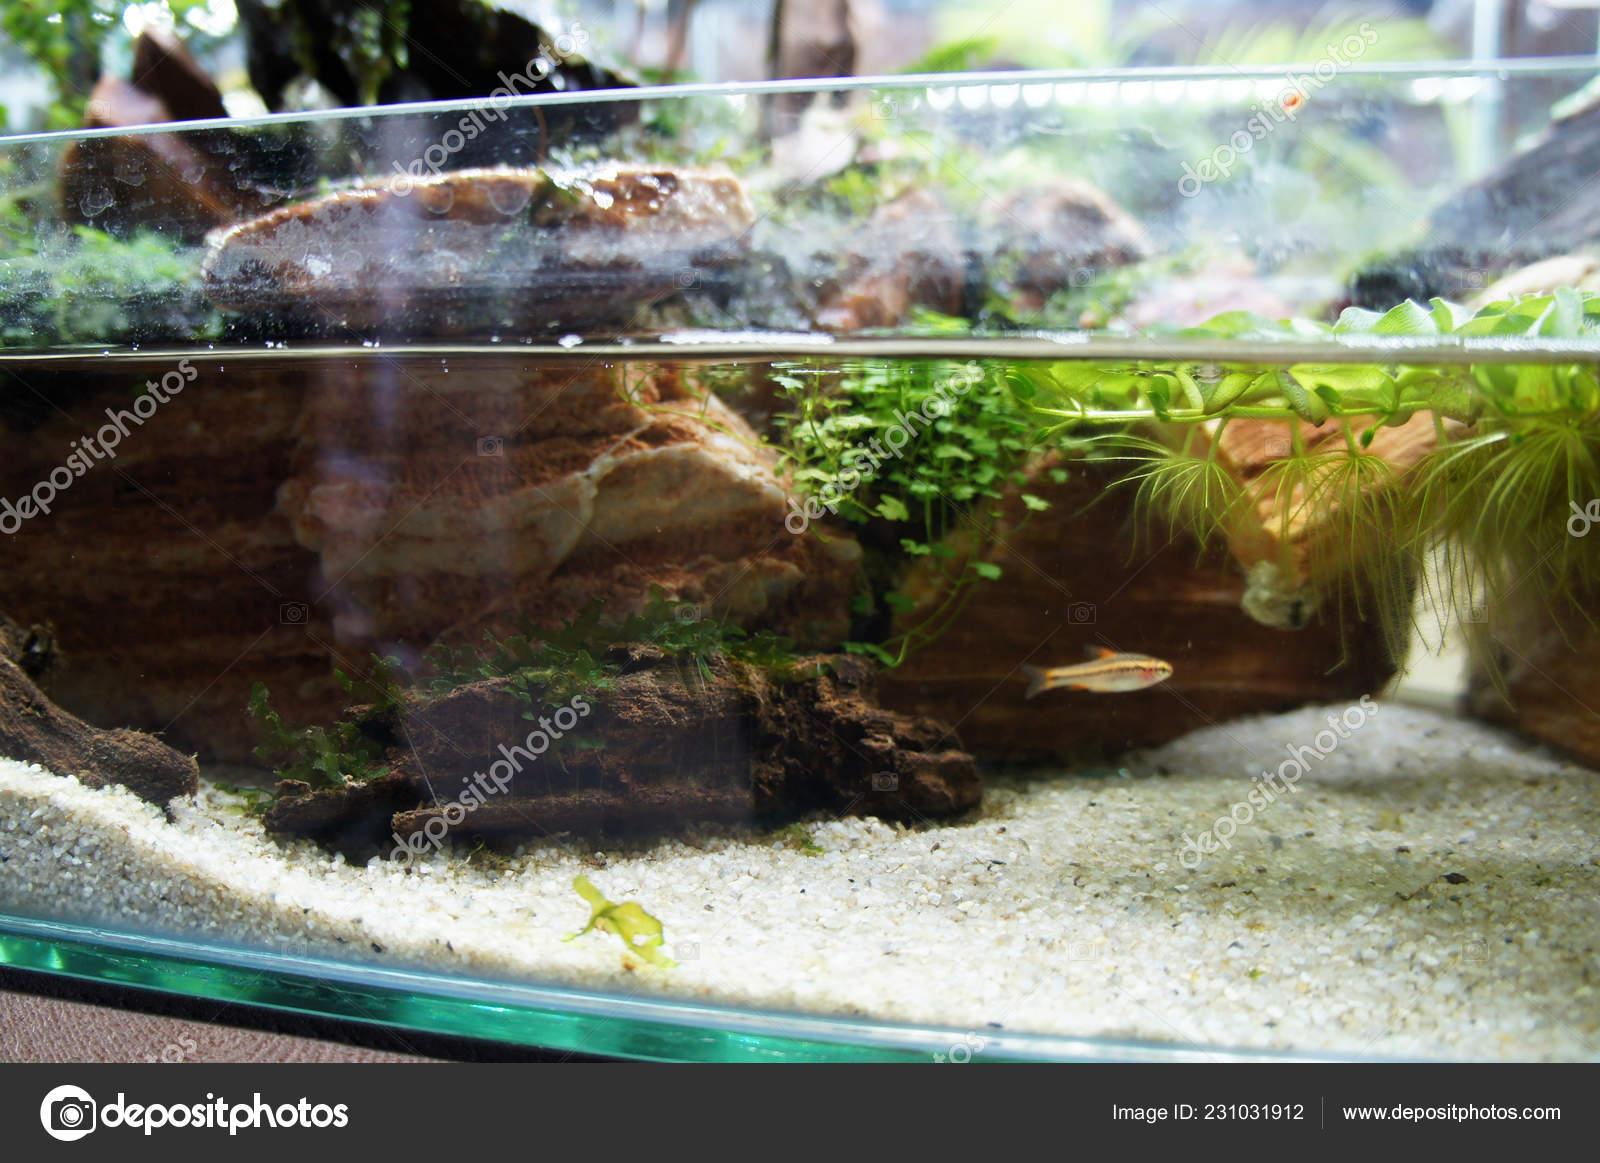 Aquascape Terrarium Design Small Glass Aquarium Displayed Public Stock Photo C Aisyaqilumar 231031912